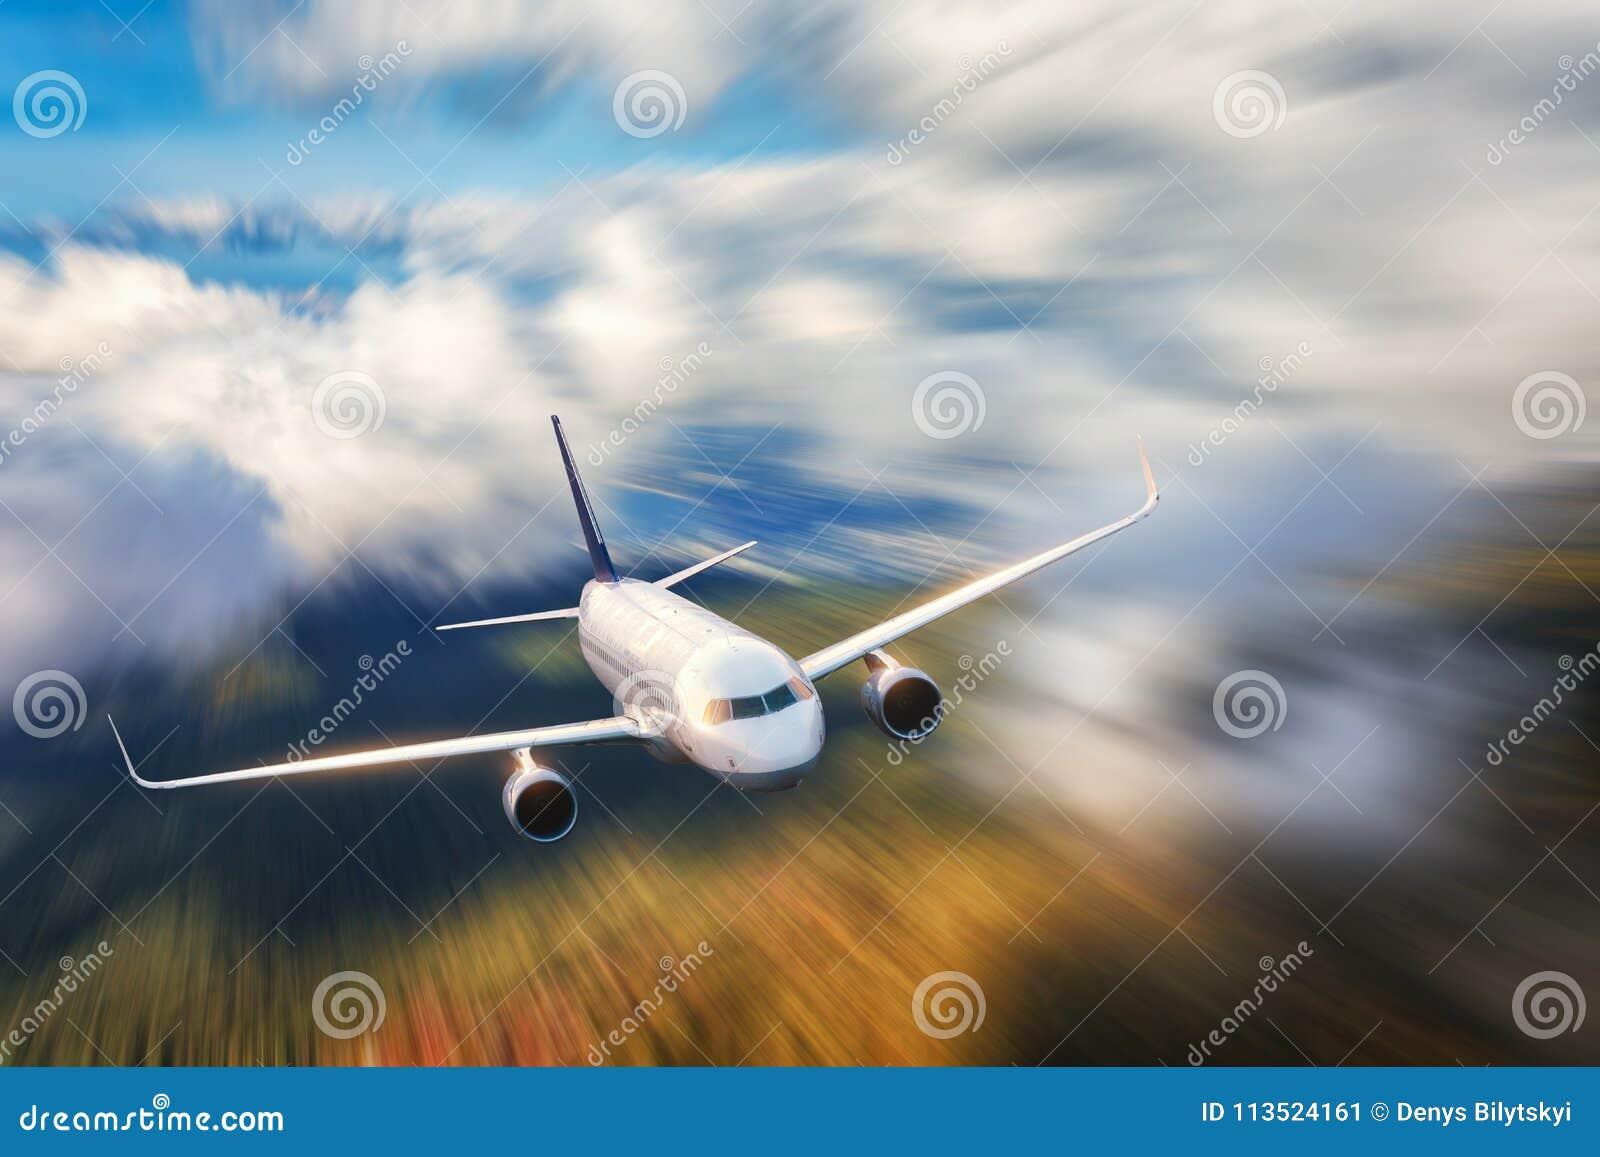 El aeroplano moderno con efecto de la falta de definición de movimiento está volando en nubes bajas en la puesta del sol Aeroplan